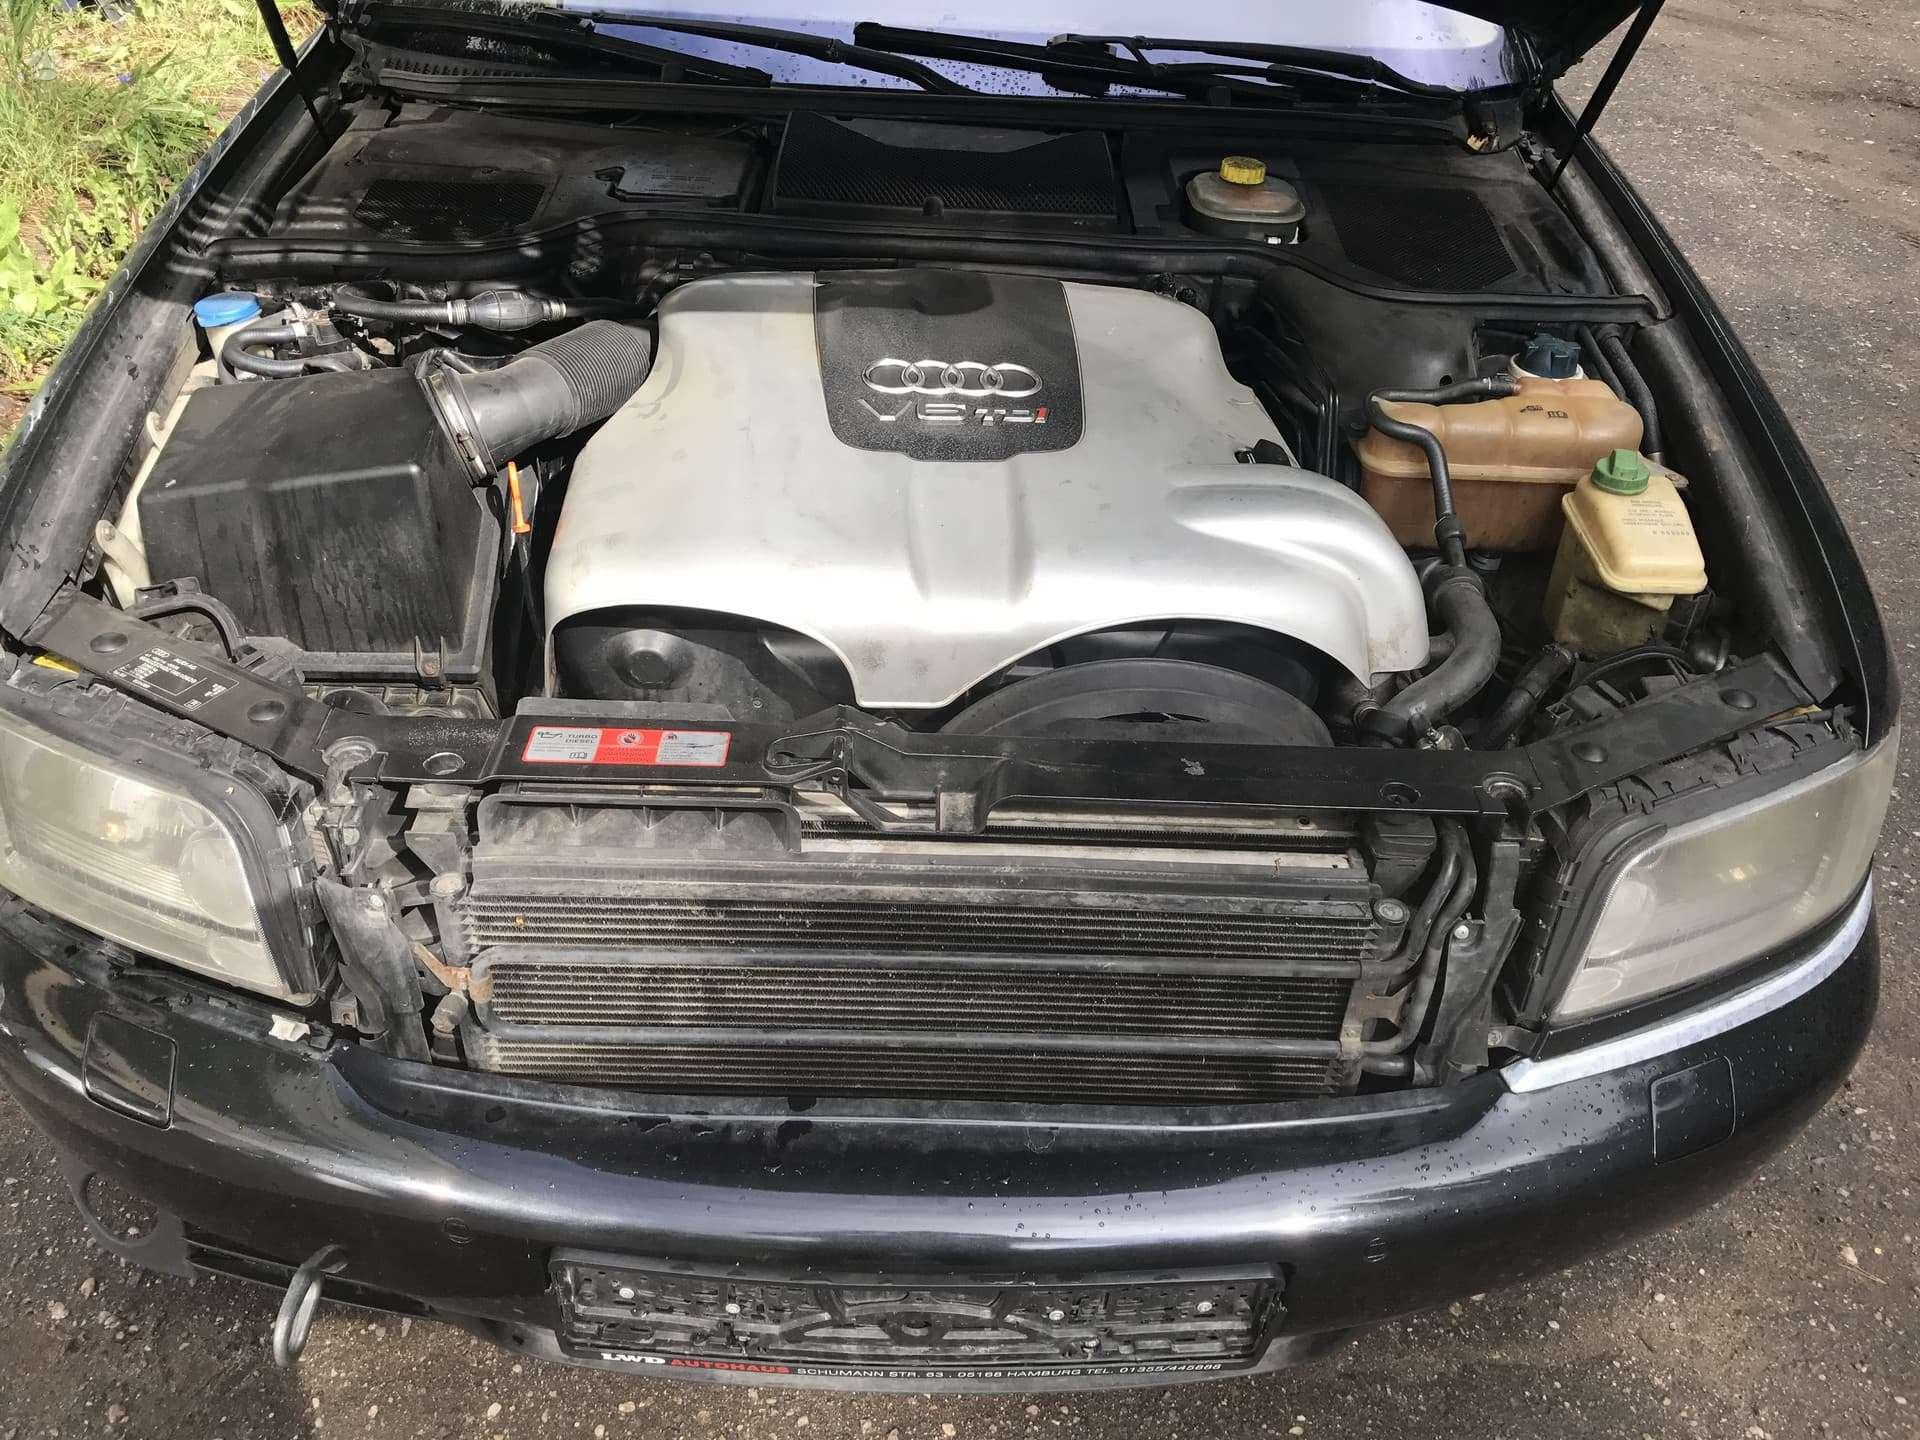 2000 Audi A8 Parts - Car Audi